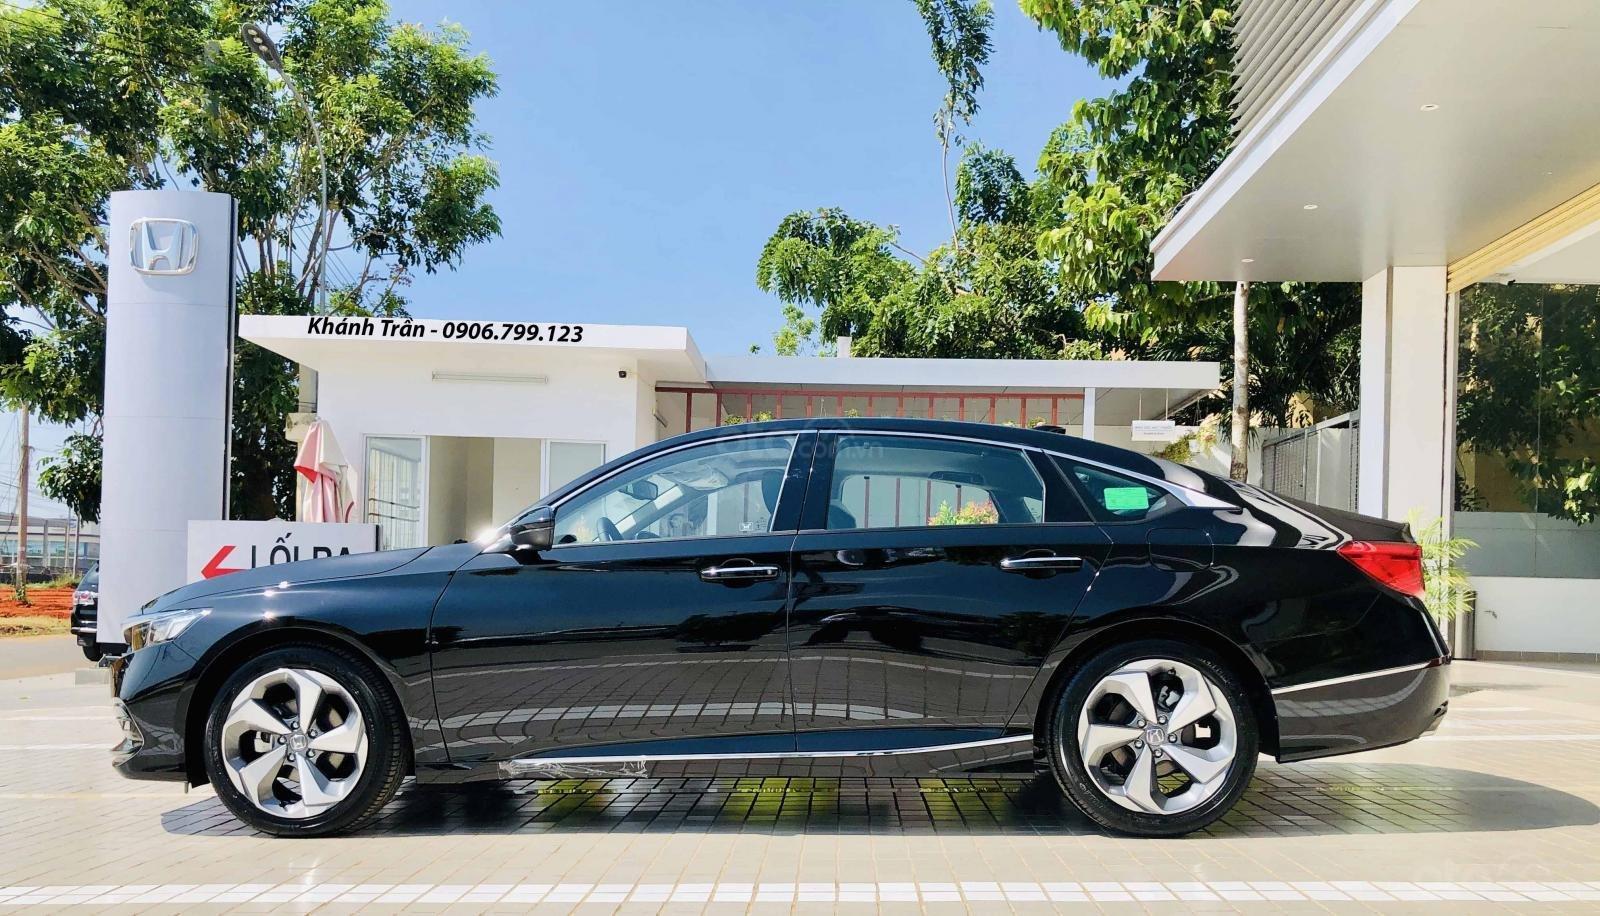 Honda Accord 2020 đủ màu, giao ngay, giảm tiền mặt khủng, hỗ trợ thuế trước bạ, nhận xe chỉ với 390tr (2)